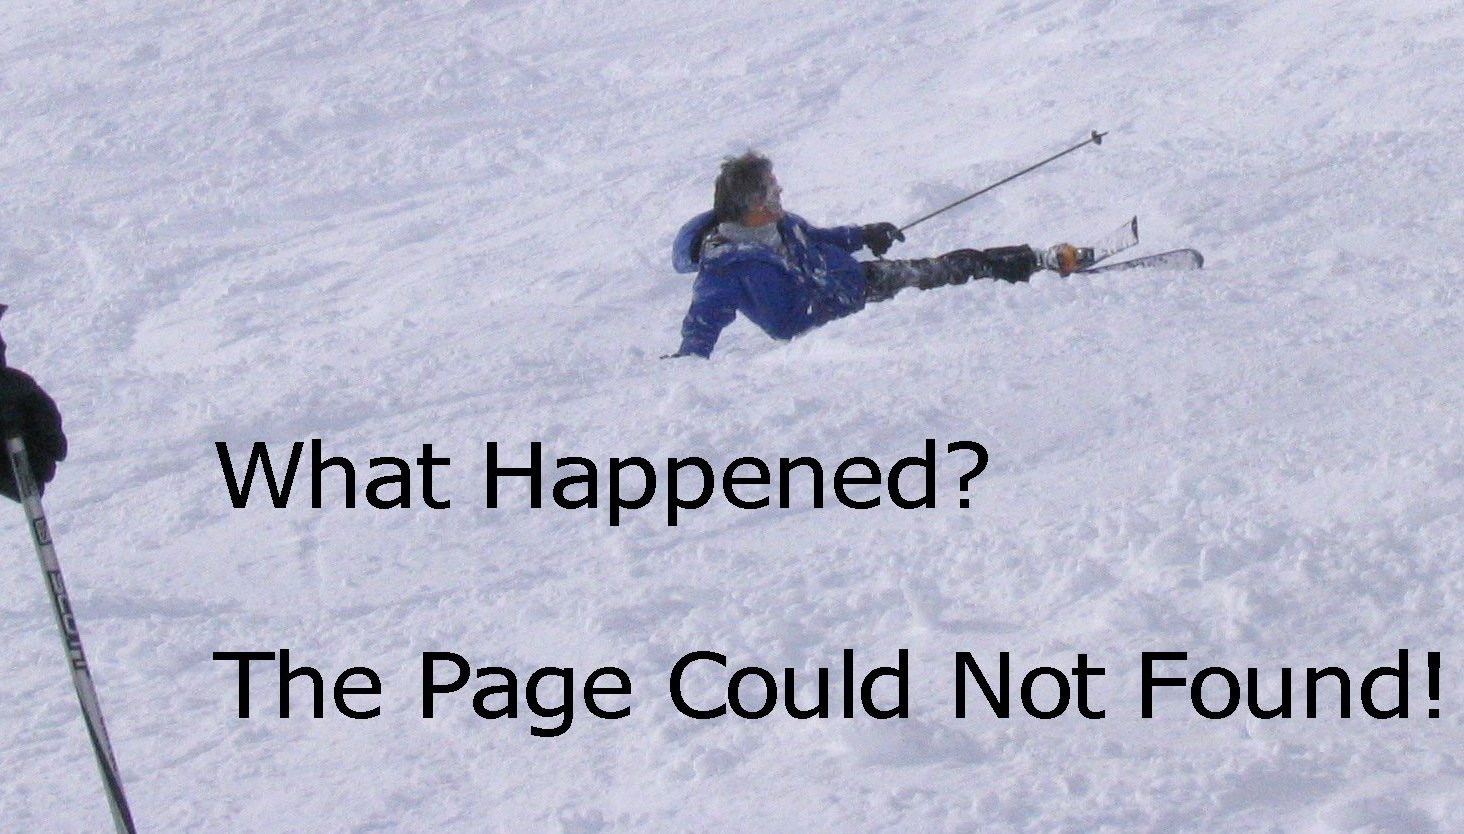 Karl Crashing on Ski Slope